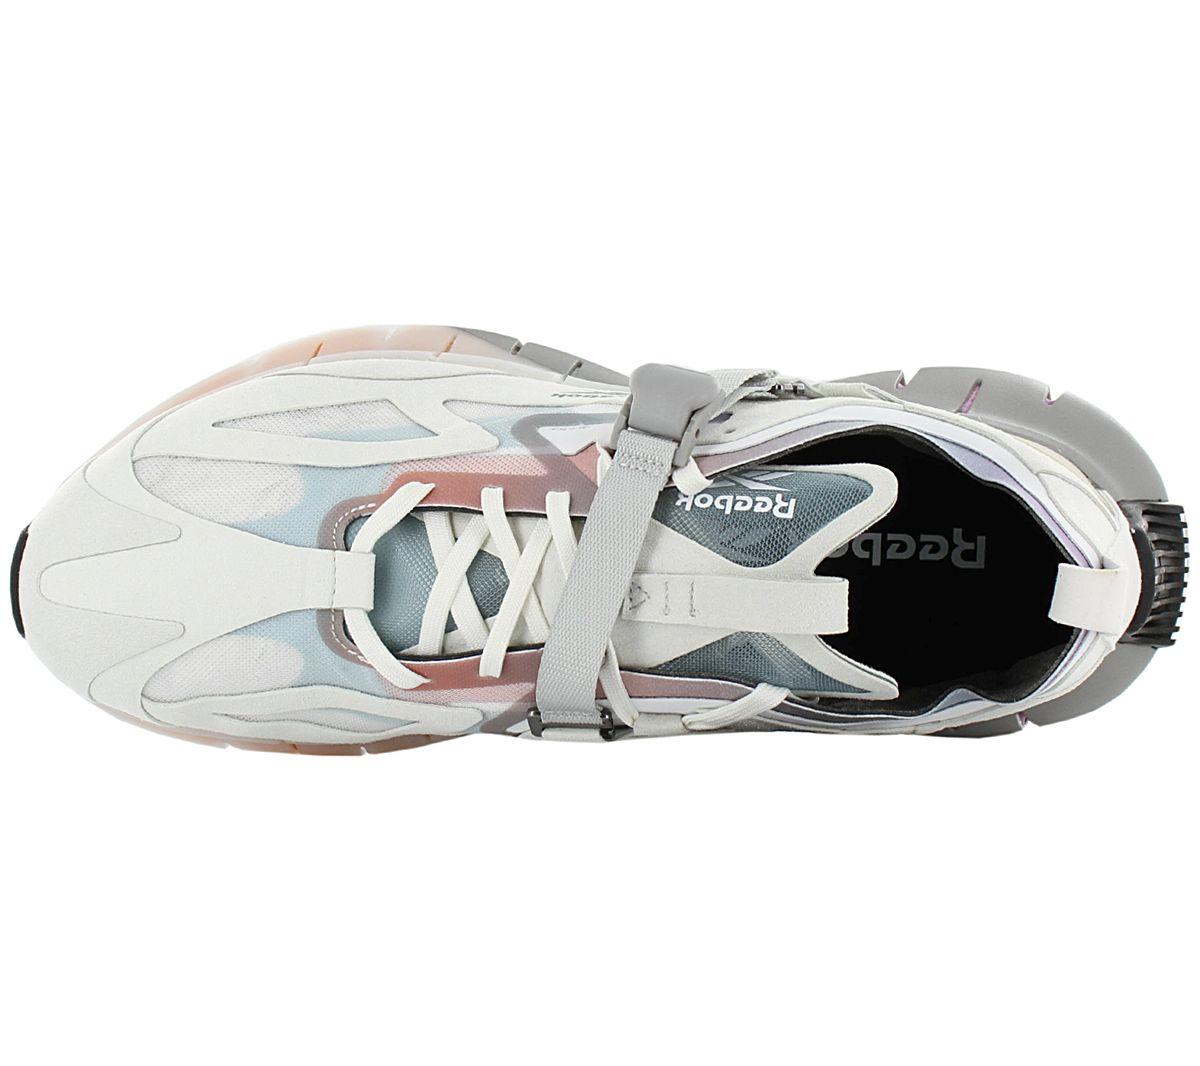 EG7477 Herren Schuhe NEU Ian Paley Design Reebok ZIG Kinetica Concept Type 1